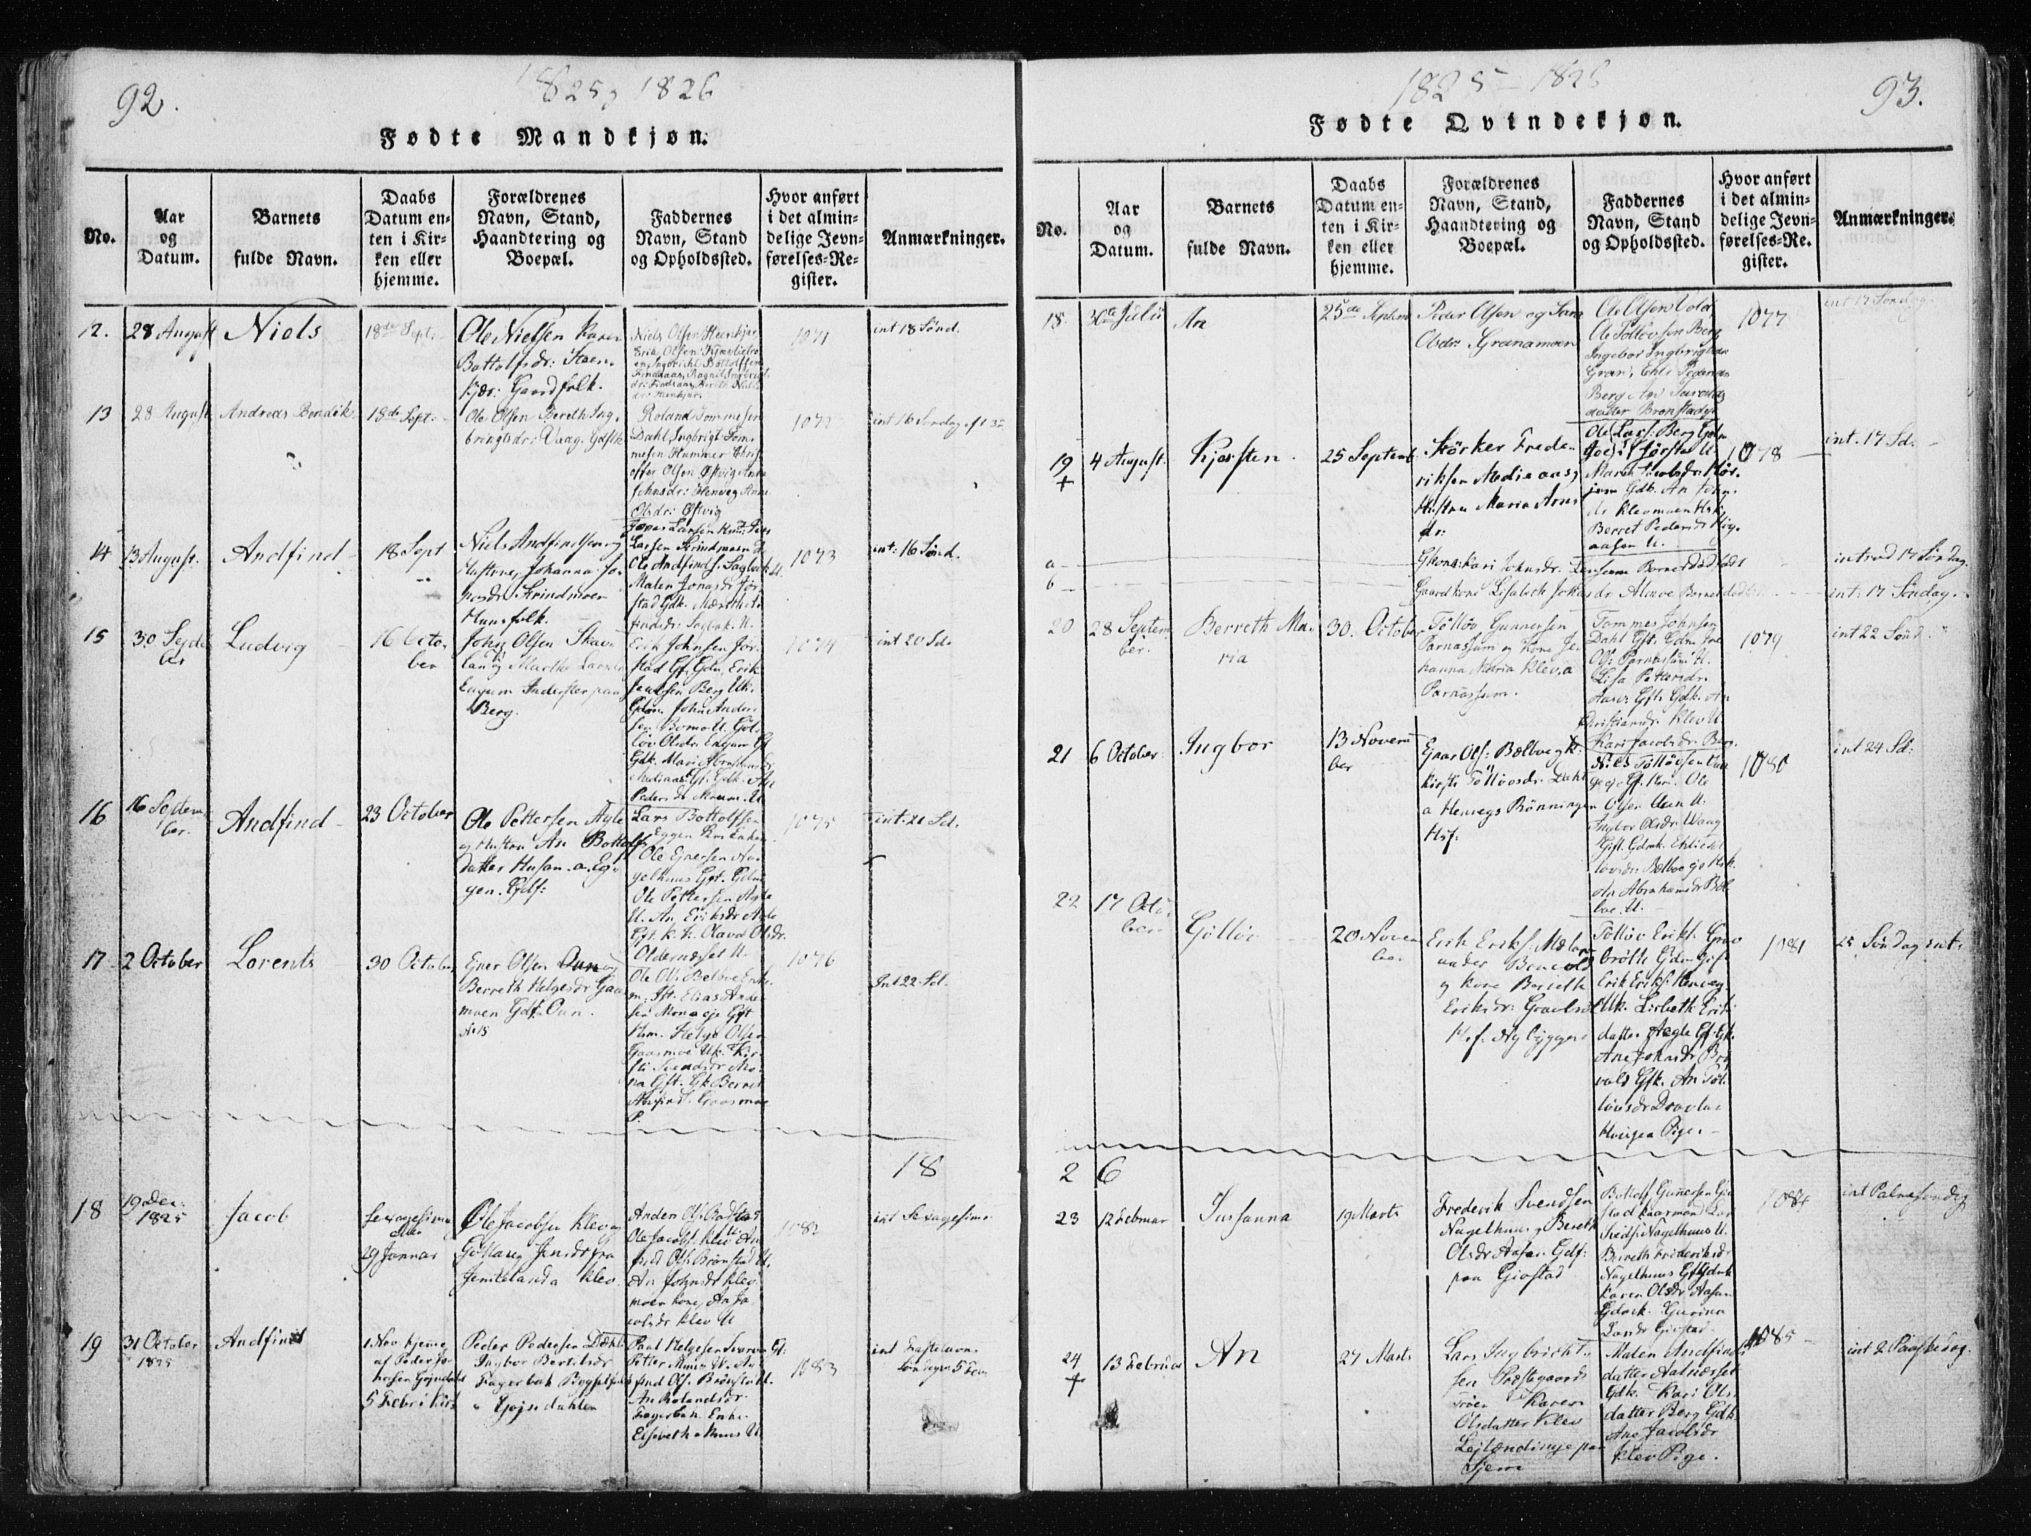 SAT, Ministerialprotokoller, klokkerbøker og fødselsregistre - Nord-Trøndelag, 749/L0469: Ministerialbok nr. 749A03, 1817-1857, s. 92-93